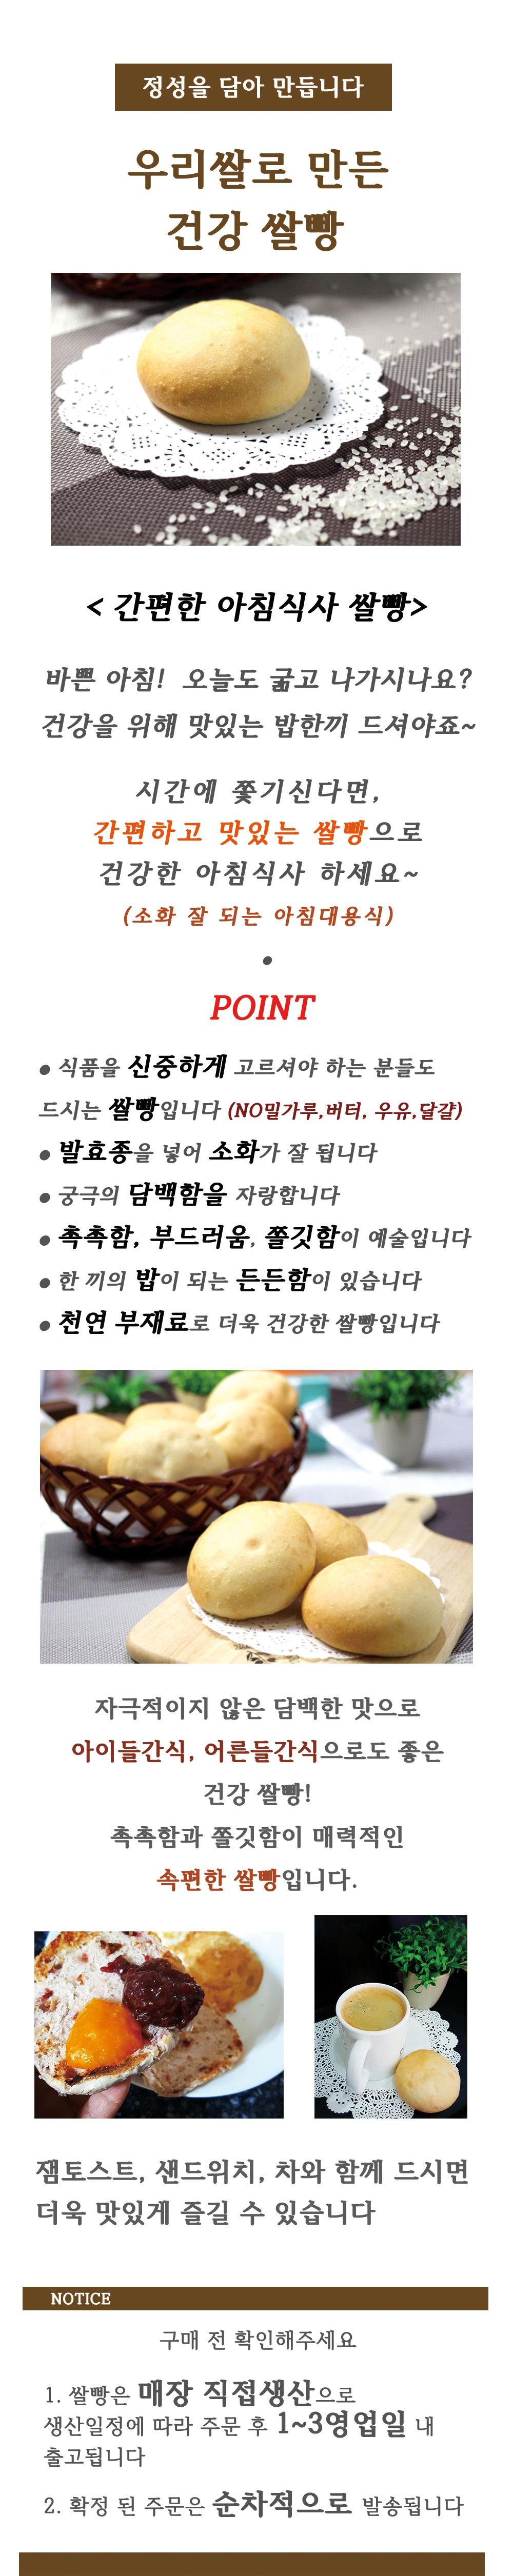 고구마쌀식빵(4개) - 디저트라이스, 33,750원, 쿠키/케익/빵, 빵